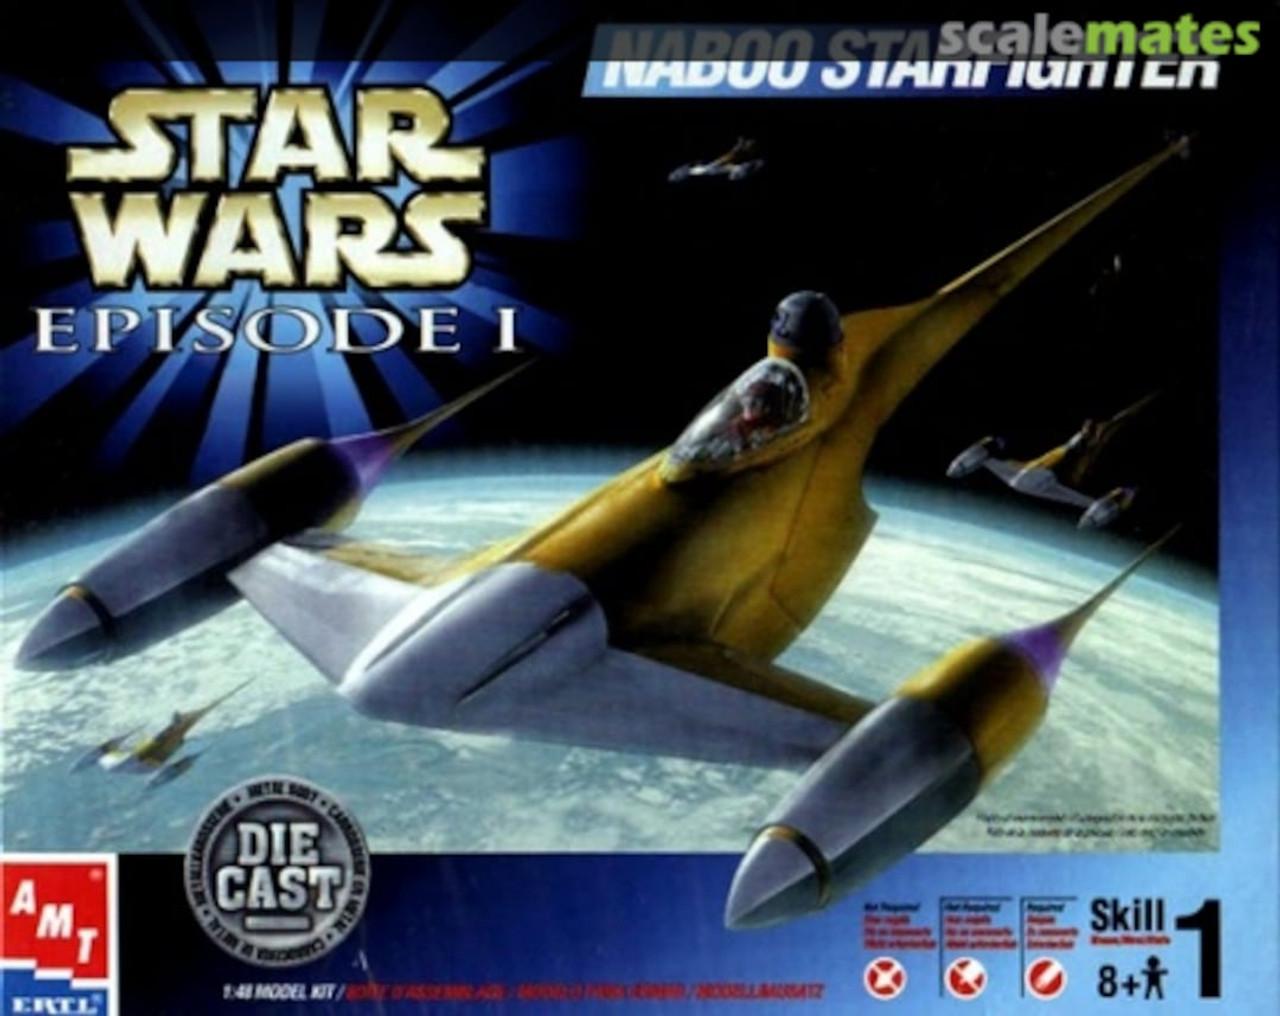 Star Wars Episode 1 Naboo Starfighter Die Cast (1:48 Scale)